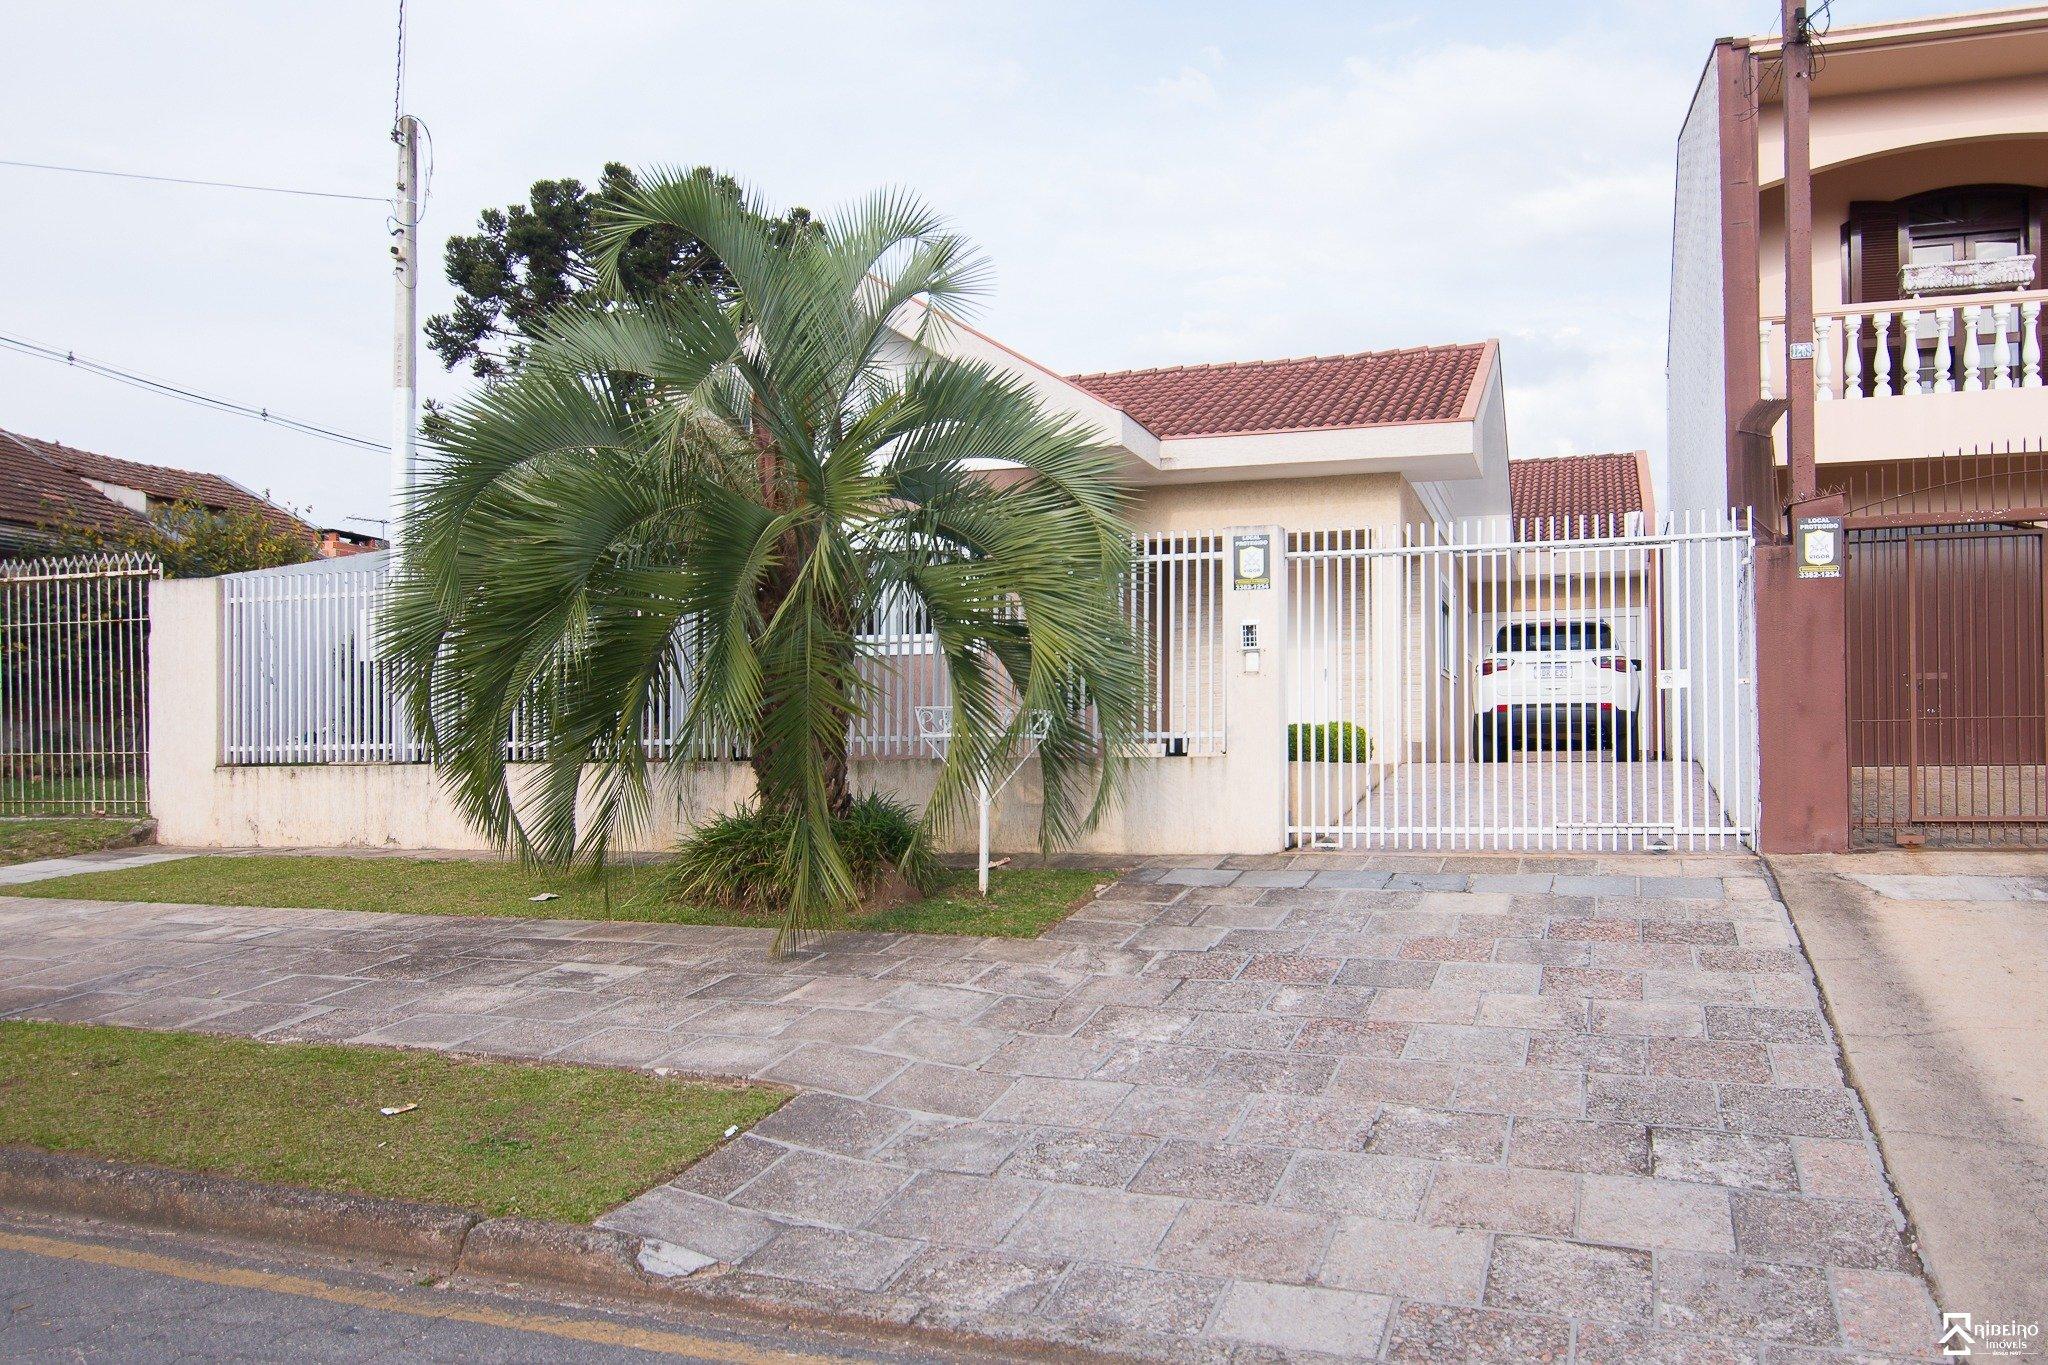 REF. 3270 -  Sao Jose Dos Pinhais - Rua  Marechal Deodoro Da Fonseca, 1249